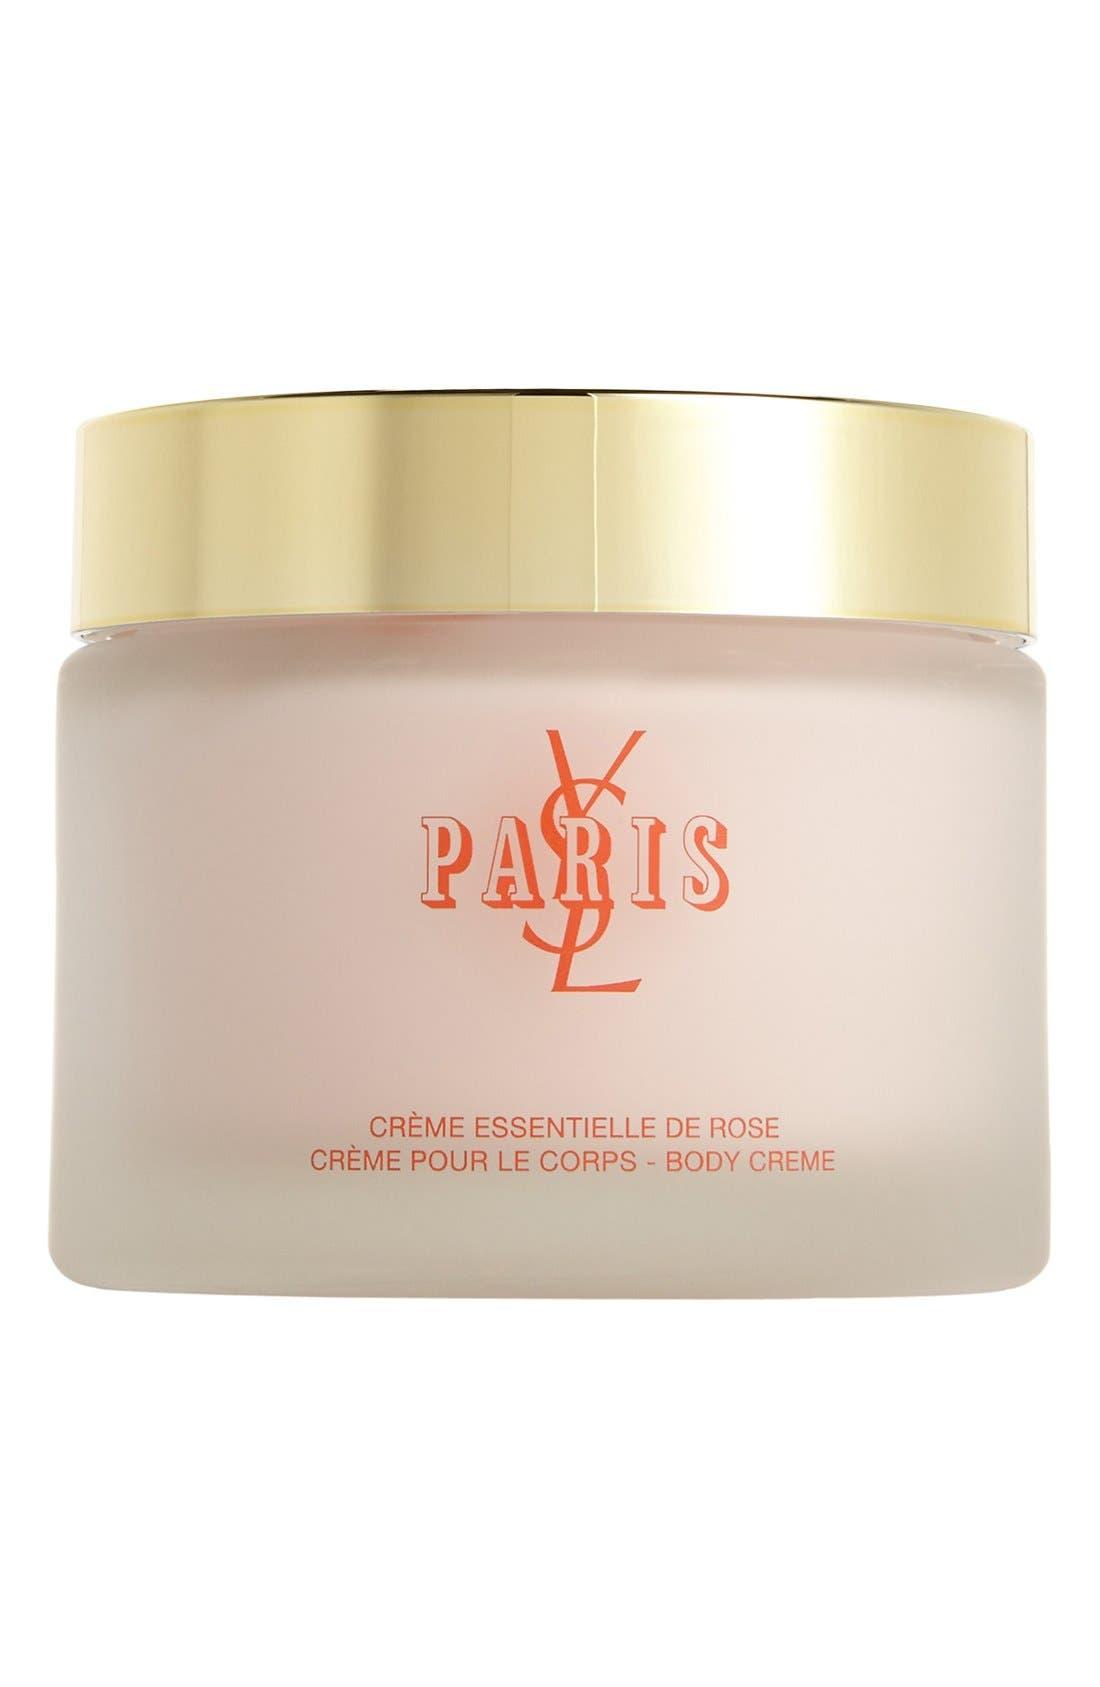 Yves Saint Laurent 'Paris' Body Crème